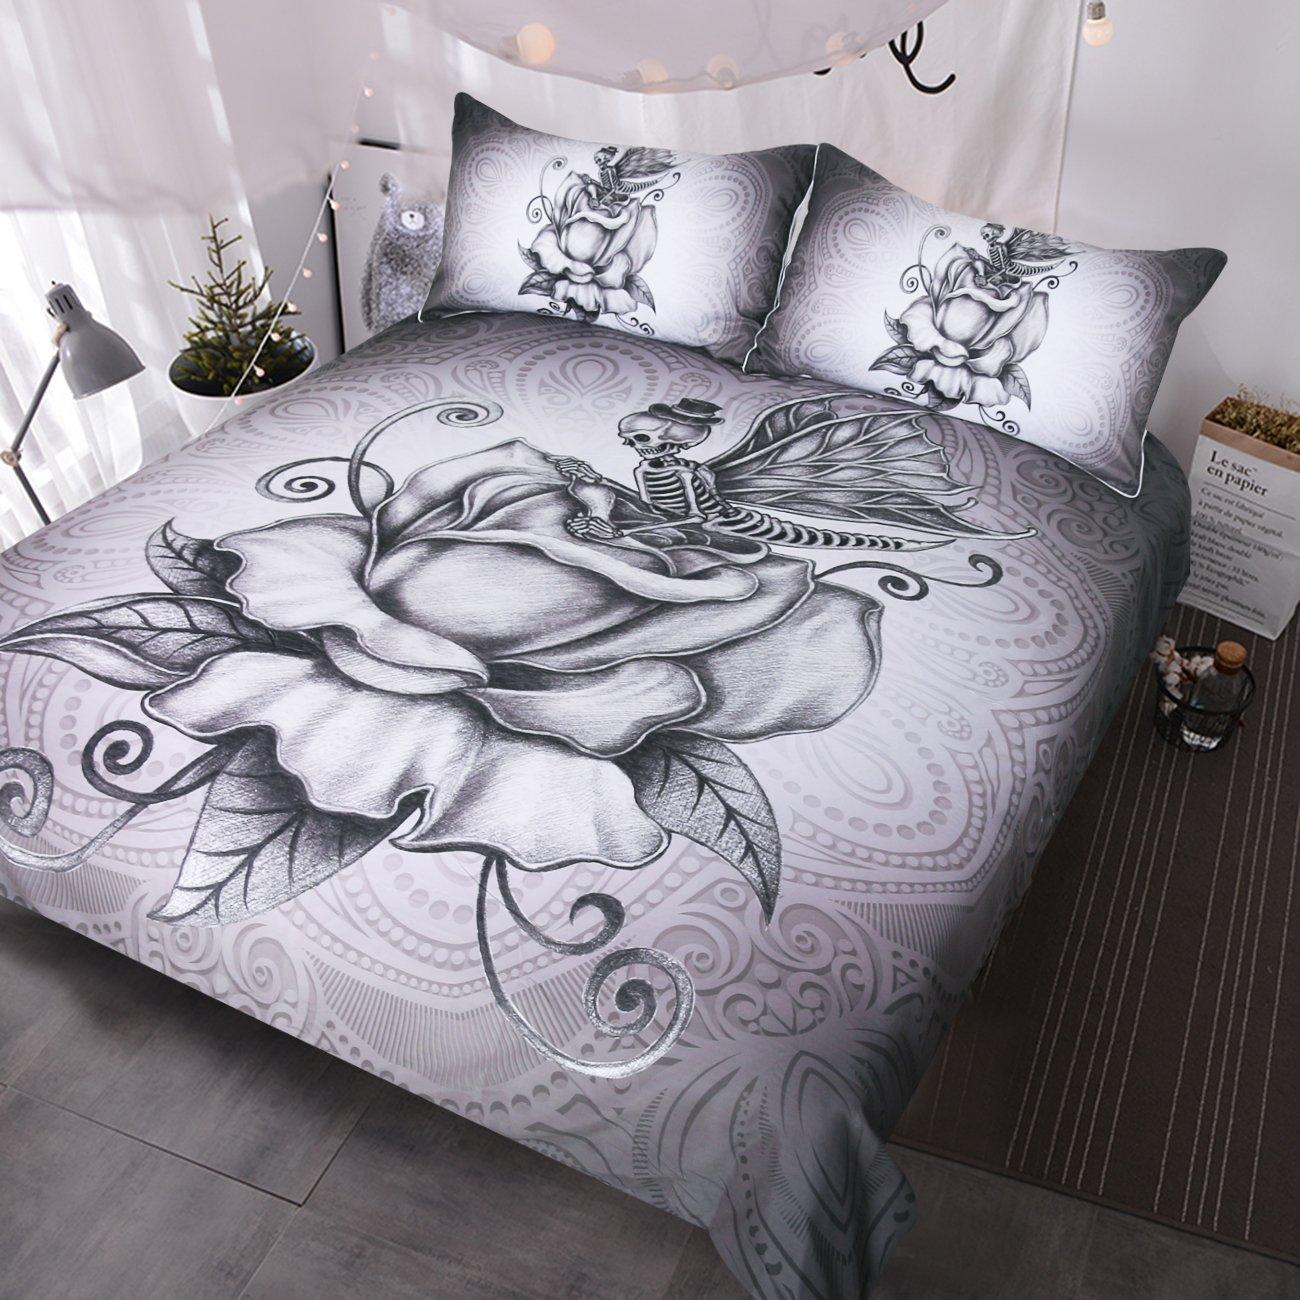 BlessLiving Pale Grey Butterfly Skull Bedding 3 Pcs Retro Skull and Roses Duvet Cover Super Soft Romantic Dark Bed Set (King)